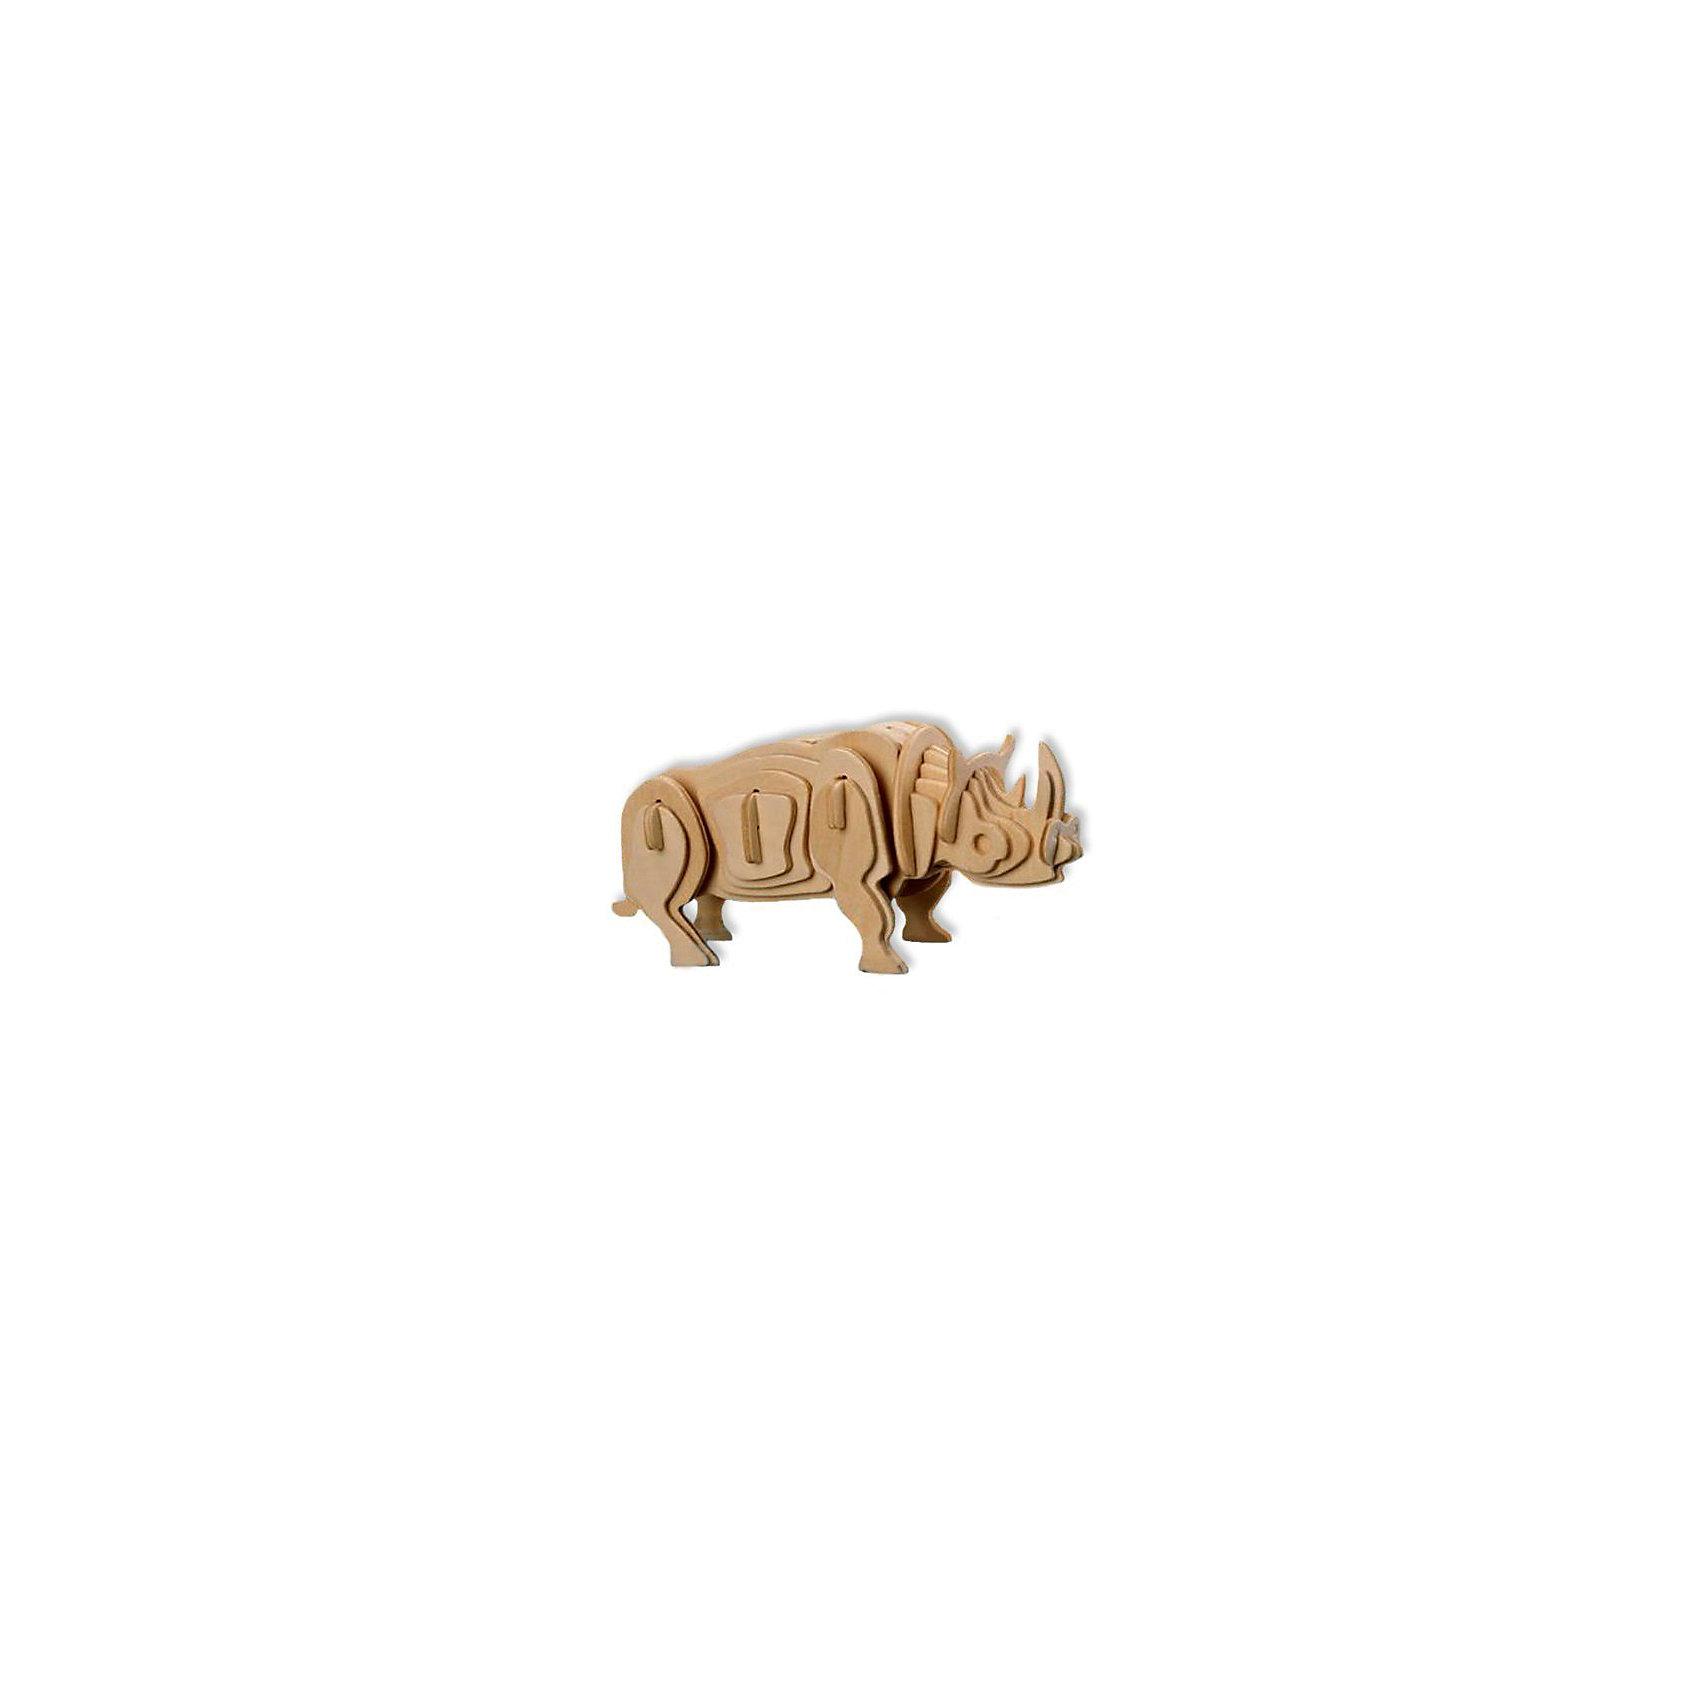 Белый носорог, Мир деревянных игрушекРазвивать свои способности ребенок может, сам собирая деревянные фигуры! Специально для любящих творчество и интересующихся животным миром были разработаны эти 3D-пазлы. Из них получаются красивые очень реалистичные фигуры, которые могут стать украшением комнаты. Для этого нужно выдавить из пластины с деталями элементы для сборки и соединить их. <br>Собирая их, ребенок будет учиться соотносить фигуры, развивать пространственное мышление, память и мелкую моторику. А раскрашивая готовое произведение, дети научатся подбирать цвета и будут развивать художественные навыки. Этот набор произведен из качественных и безопасных для детей материалов - дерево тщательно обработано.<br><br>Дополнительная информация:<br><br>материал: дерево;<br>цвет: бежевый;<br>элементы: пластины с деталями для сборки;<br>размер упаковки: 23 х 18 см.<br><br>3D-пазл Белый носорог от бренда Мир деревянных игрушек можно купить в нашем магазине.<br><br>Ширина мм: 225<br>Глубина мм: 30<br>Высота мм: 180<br>Вес г: 450<br>Возраст от месяцев: 36<br>Возраст до месяцев: 144<br>Пол: Унисекс<br>Возраст: Детский<br>SKU: 4969071